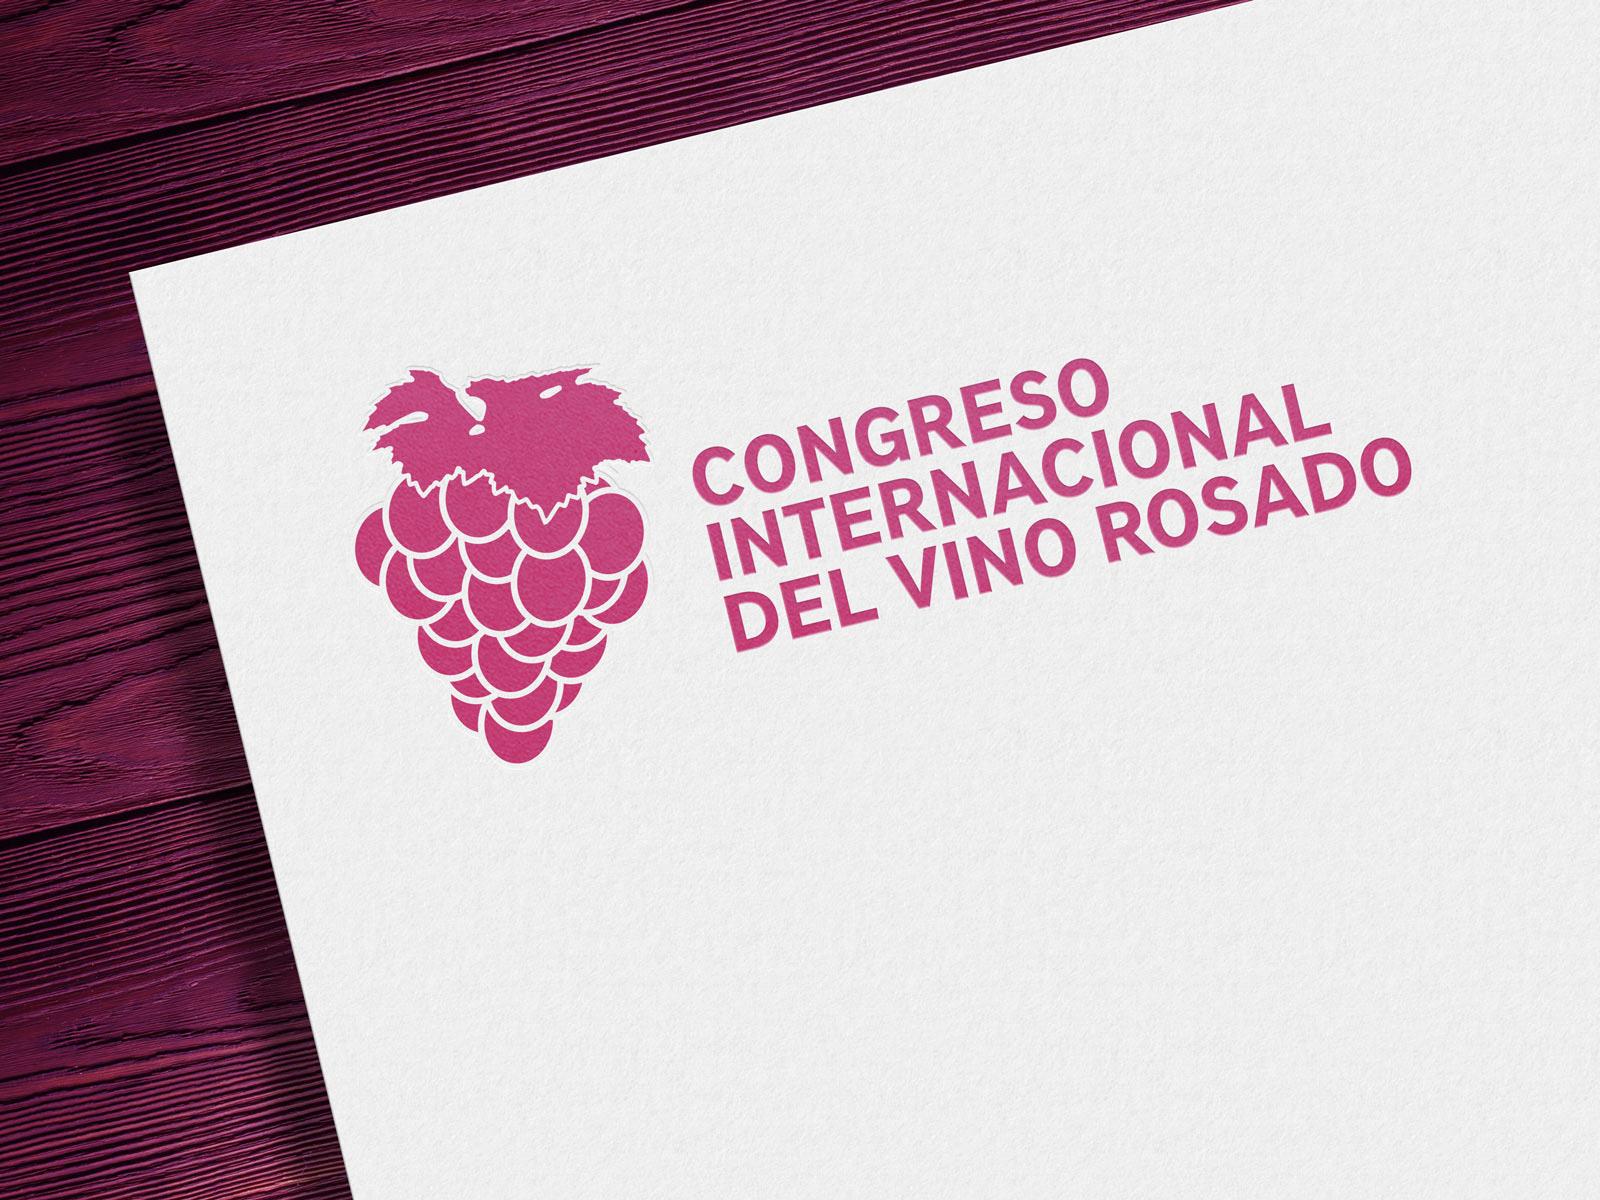 Diseño de identidad visual corporativa - Congreso Internacional del Vino Rosado